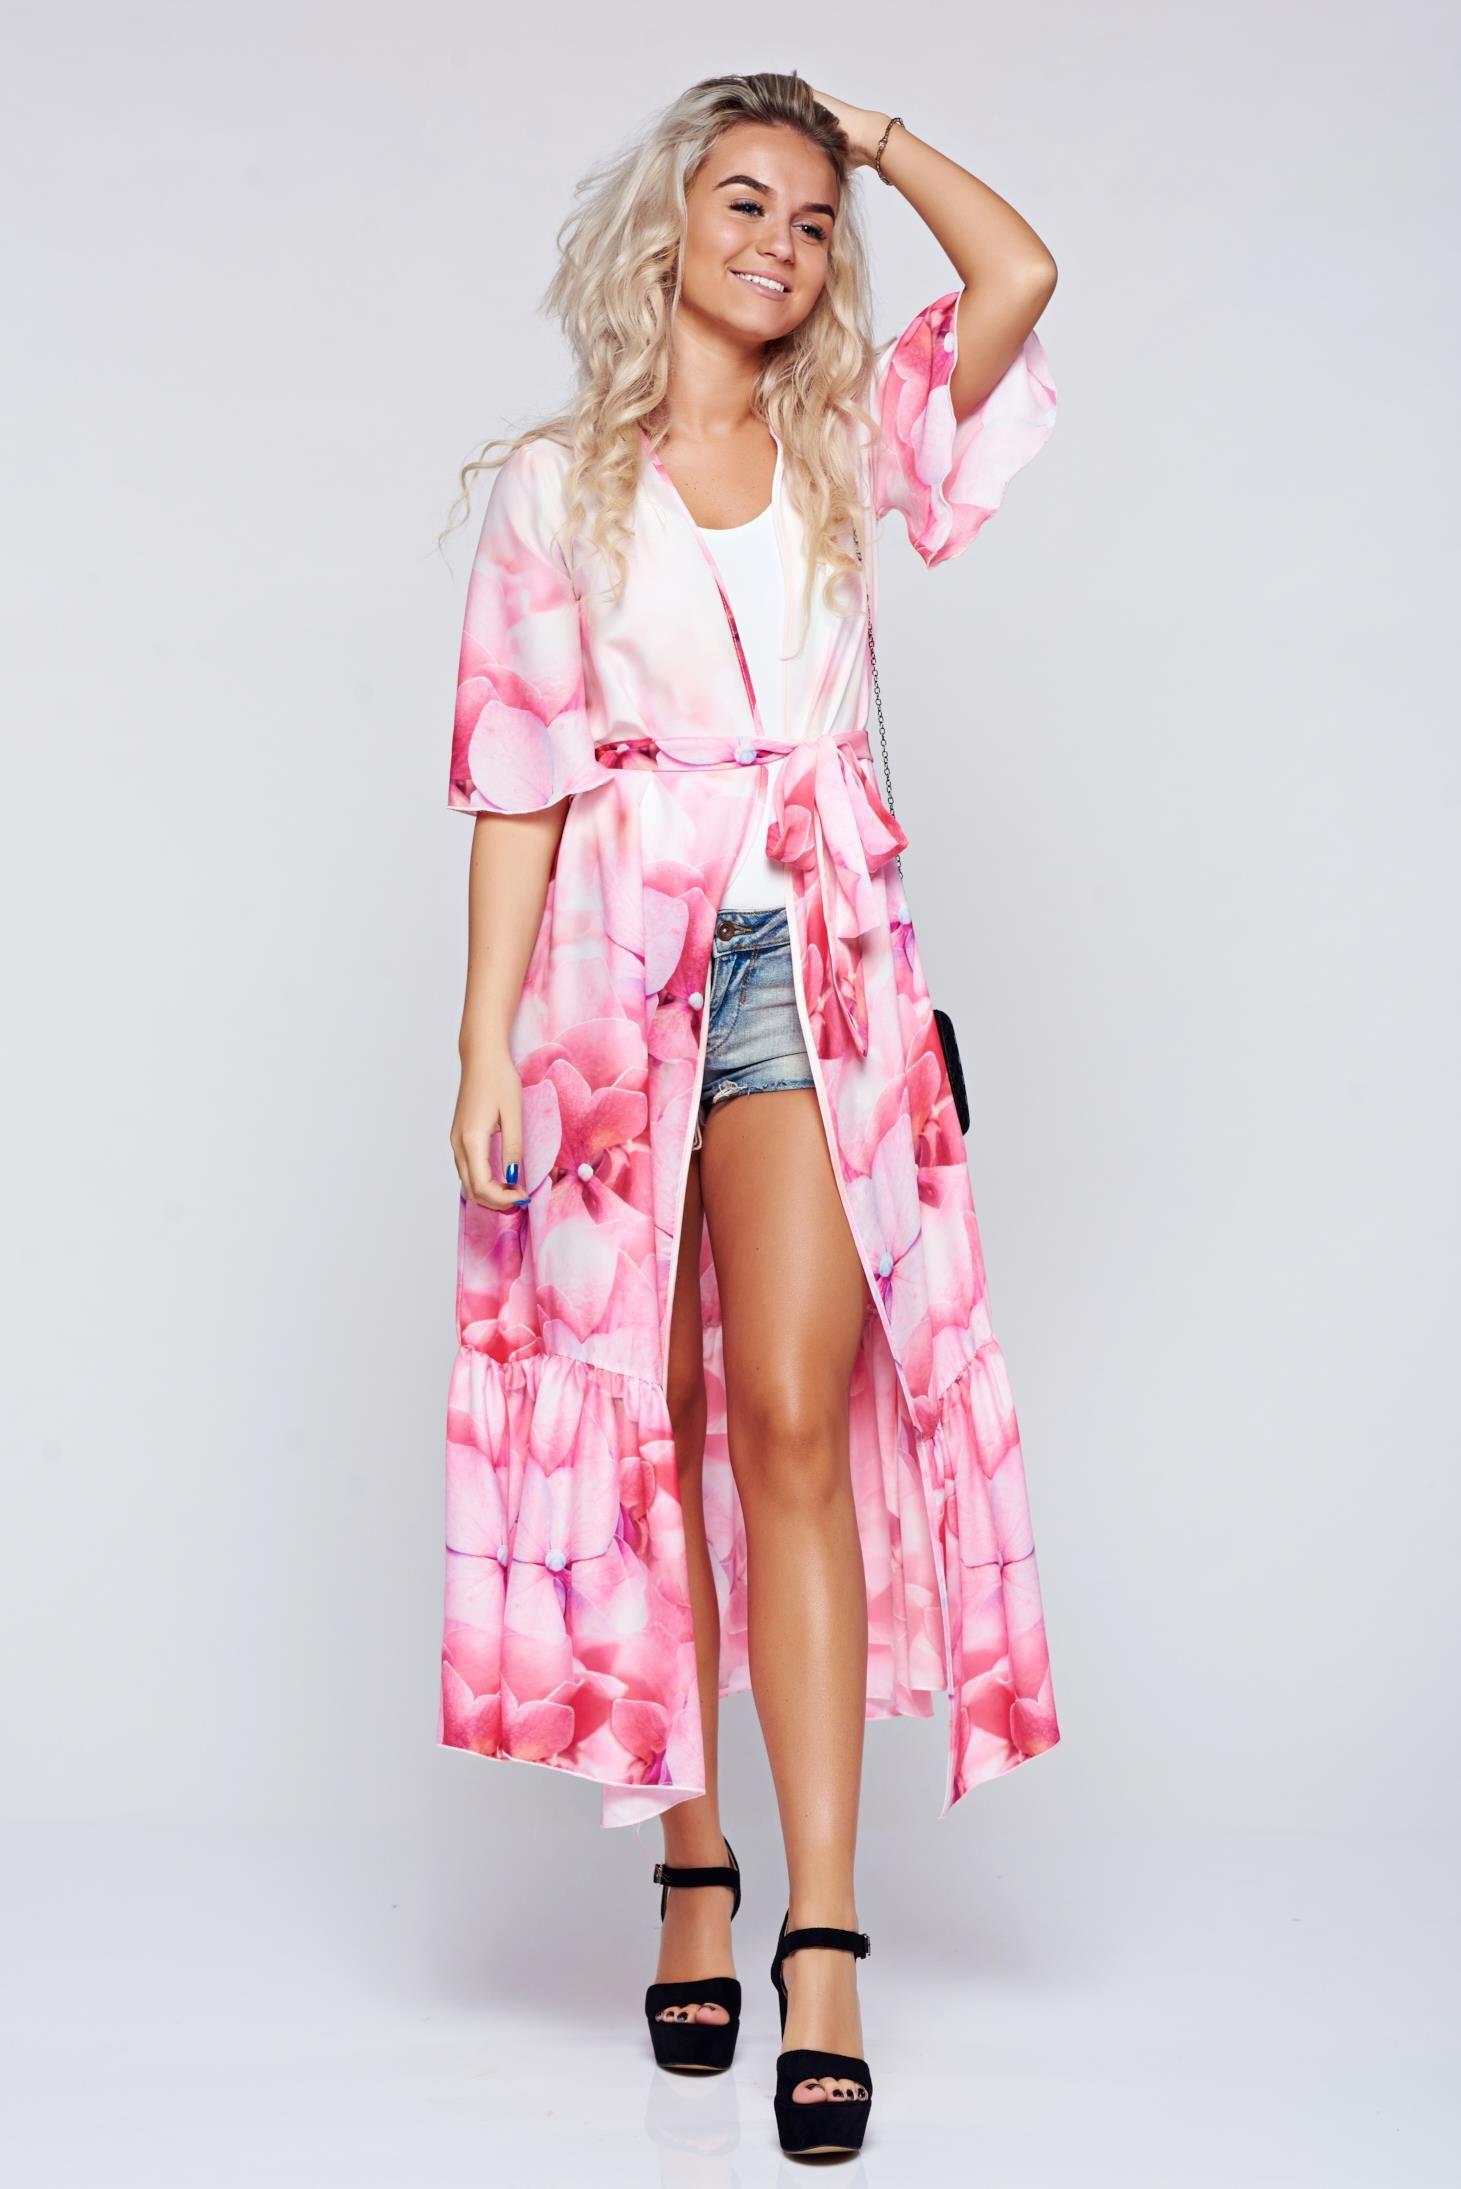 Comanda online, Rochie tip kimono Festival Look by PrettyGirl rosa cu croi larg din material vaporos. Articole masurate, calitate garantata!